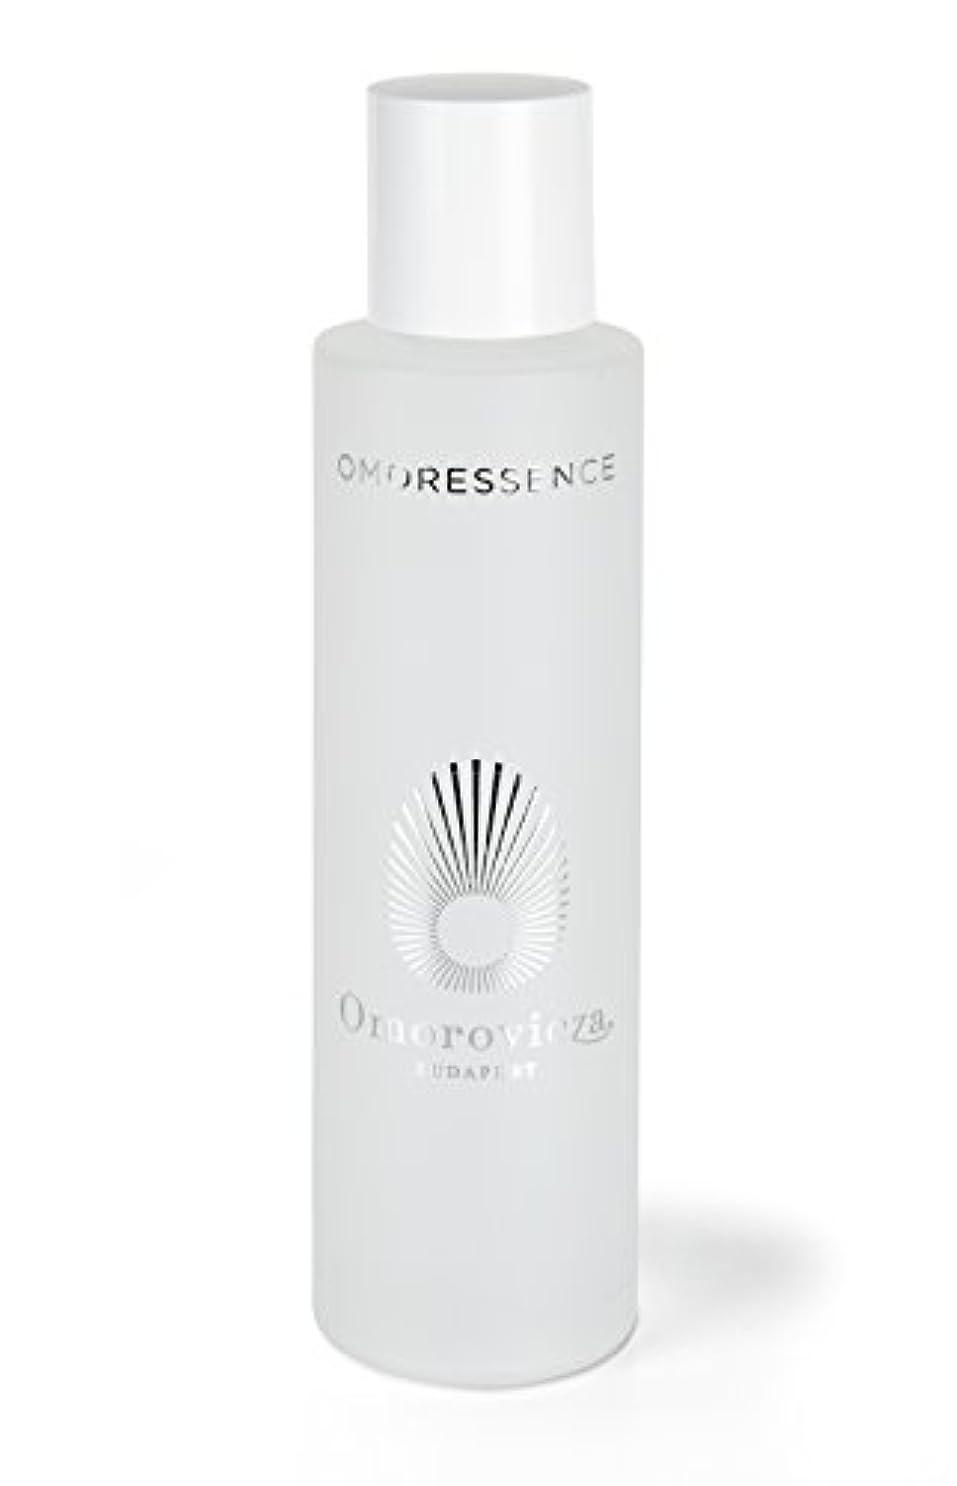 減衰円形ベンチオモロヴィッツァ Omoressence 100ml/3.4oz並行輸入品